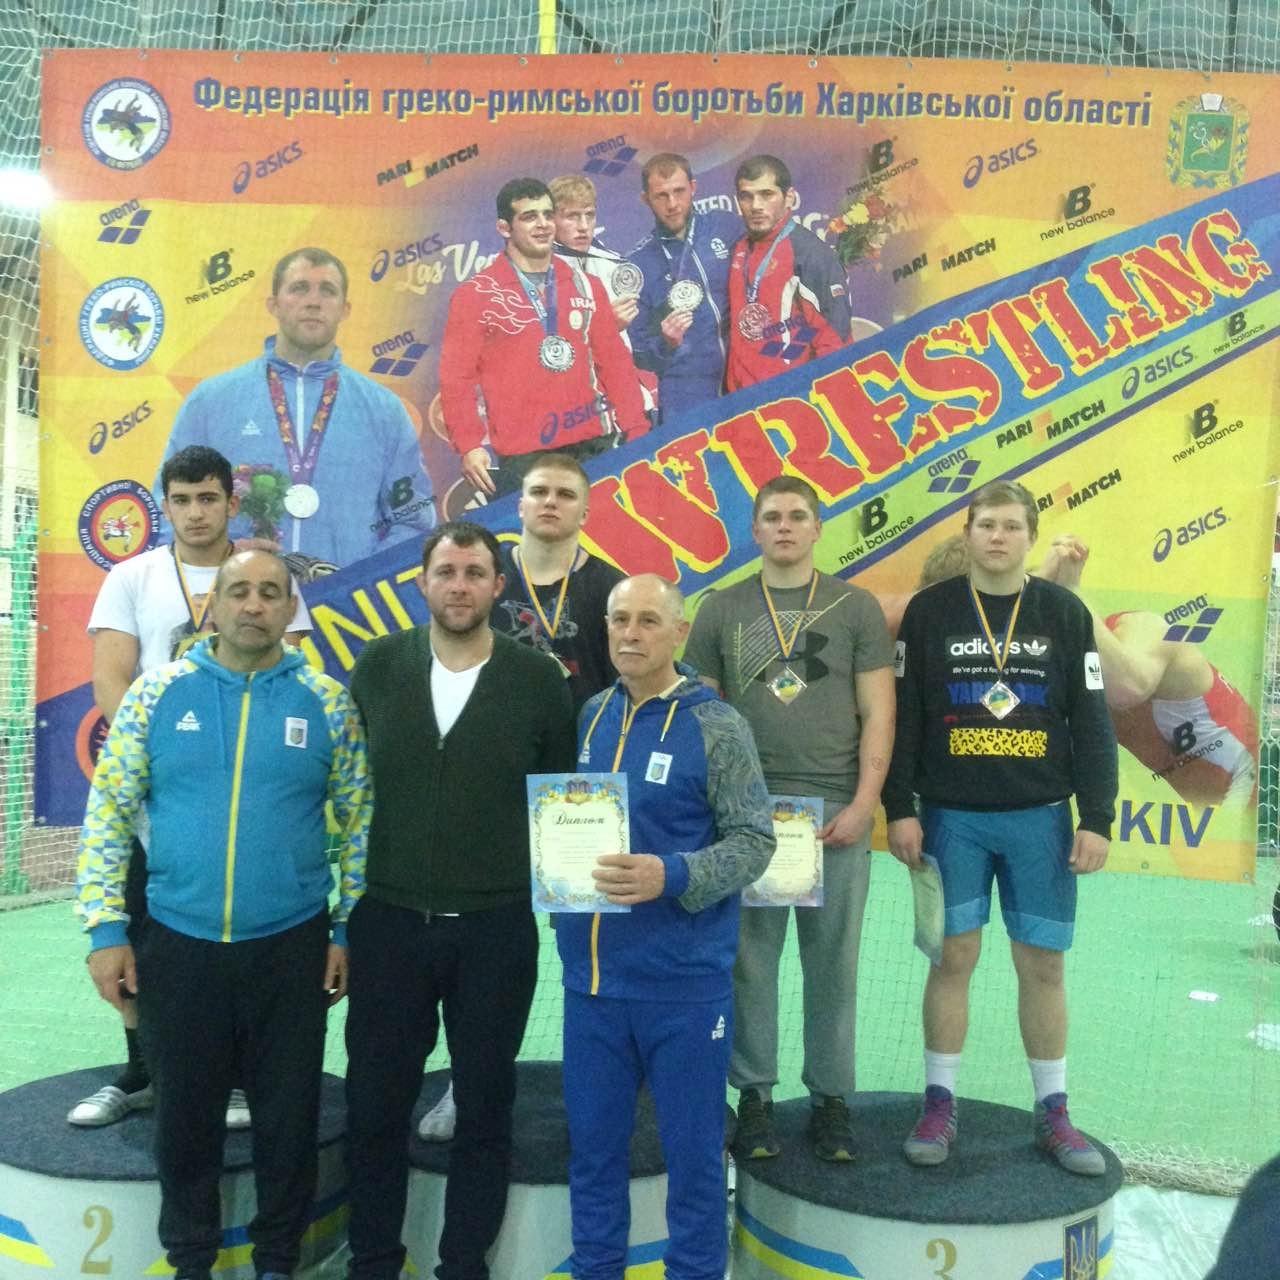 Закарпатці вибороли золото і срібло Чемпіонату України з греко-римської боротьби